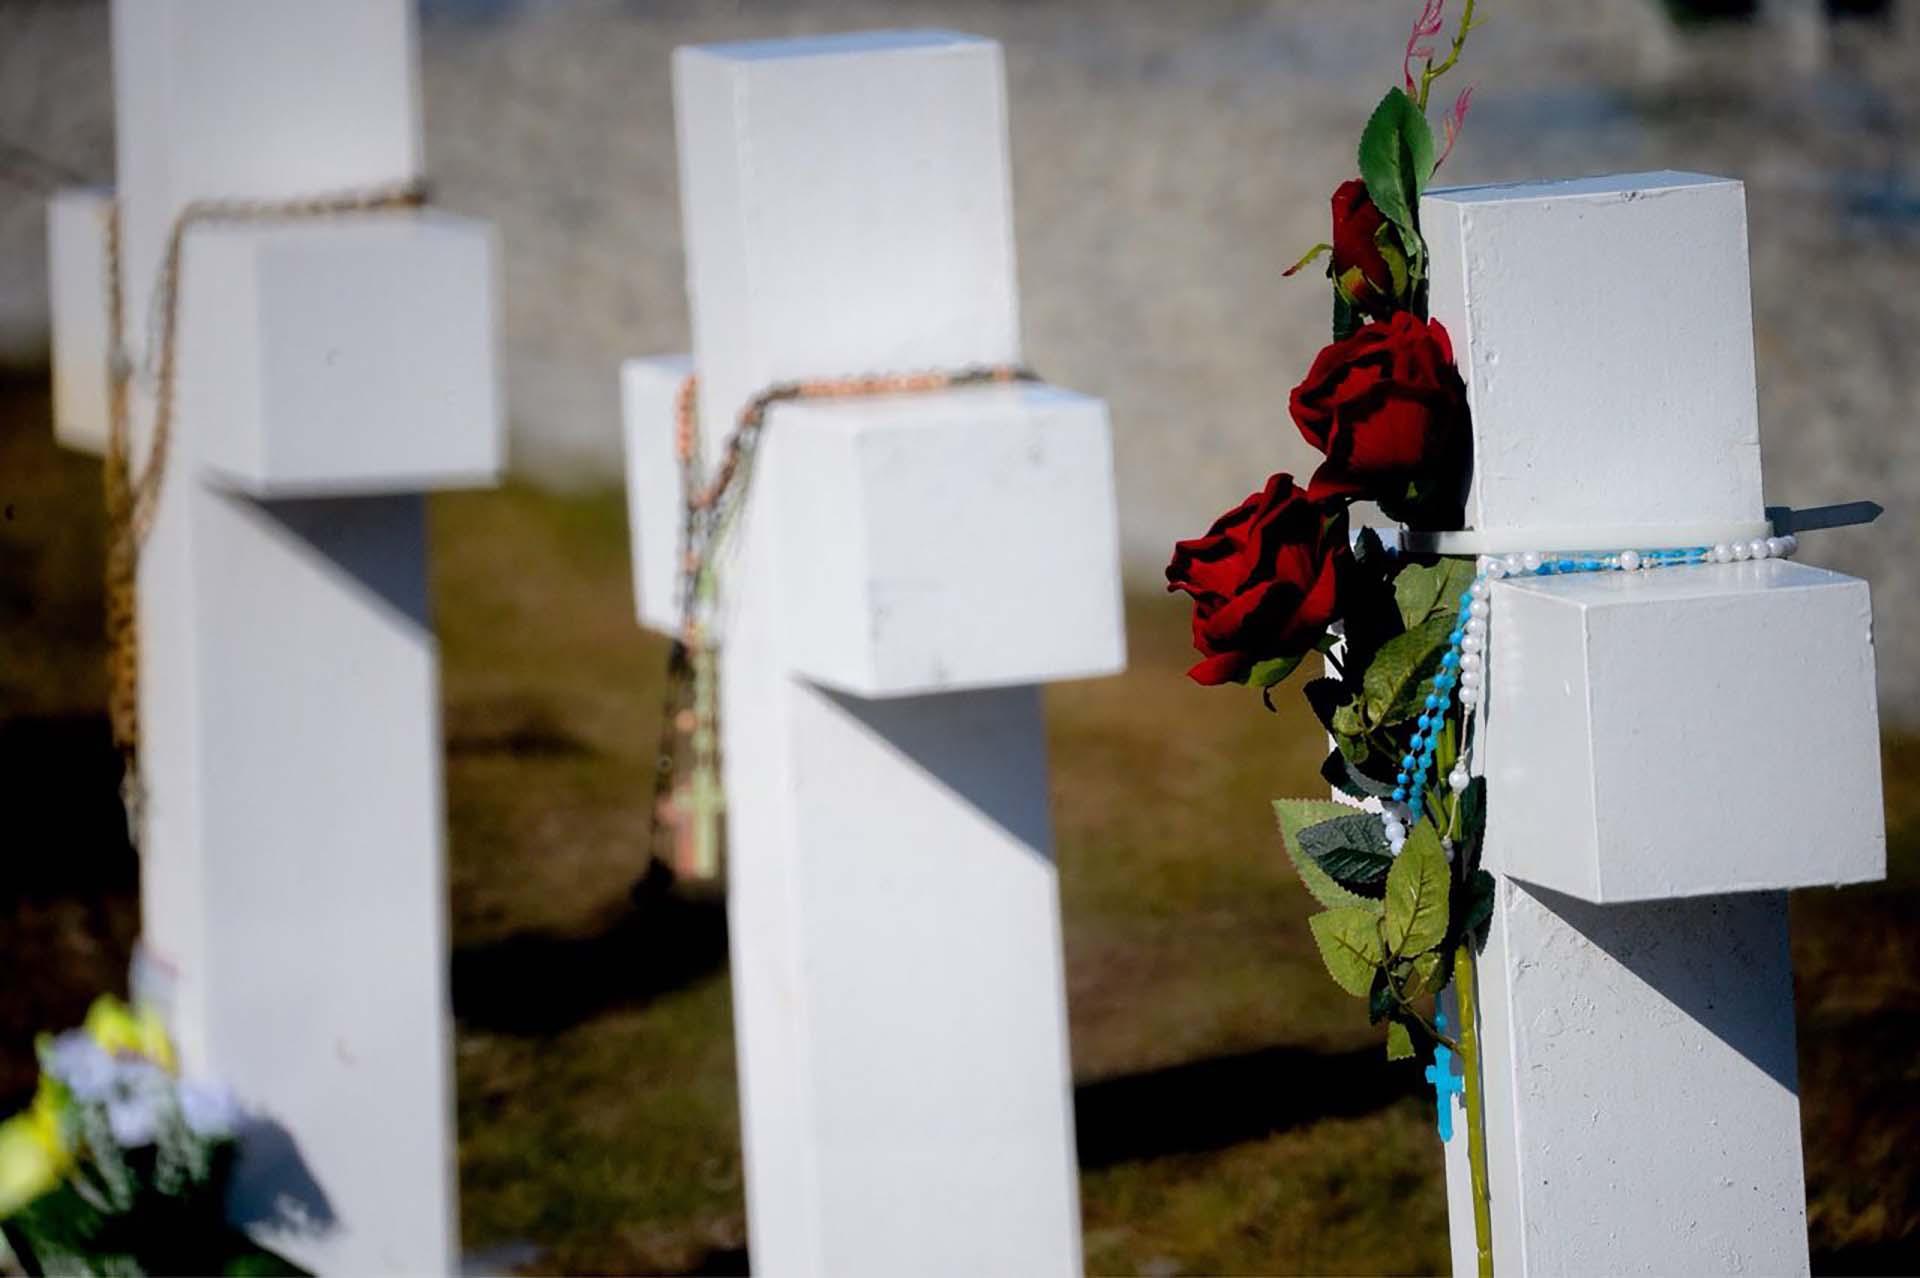 En cada cruz se pusieron flores blancas, amarillas y solo algunas rojas. de todas ellas colgaban rosarios de colores (Foto: Presidencia de la Nación/Secretaria DDHH/ Víctor Bugge)